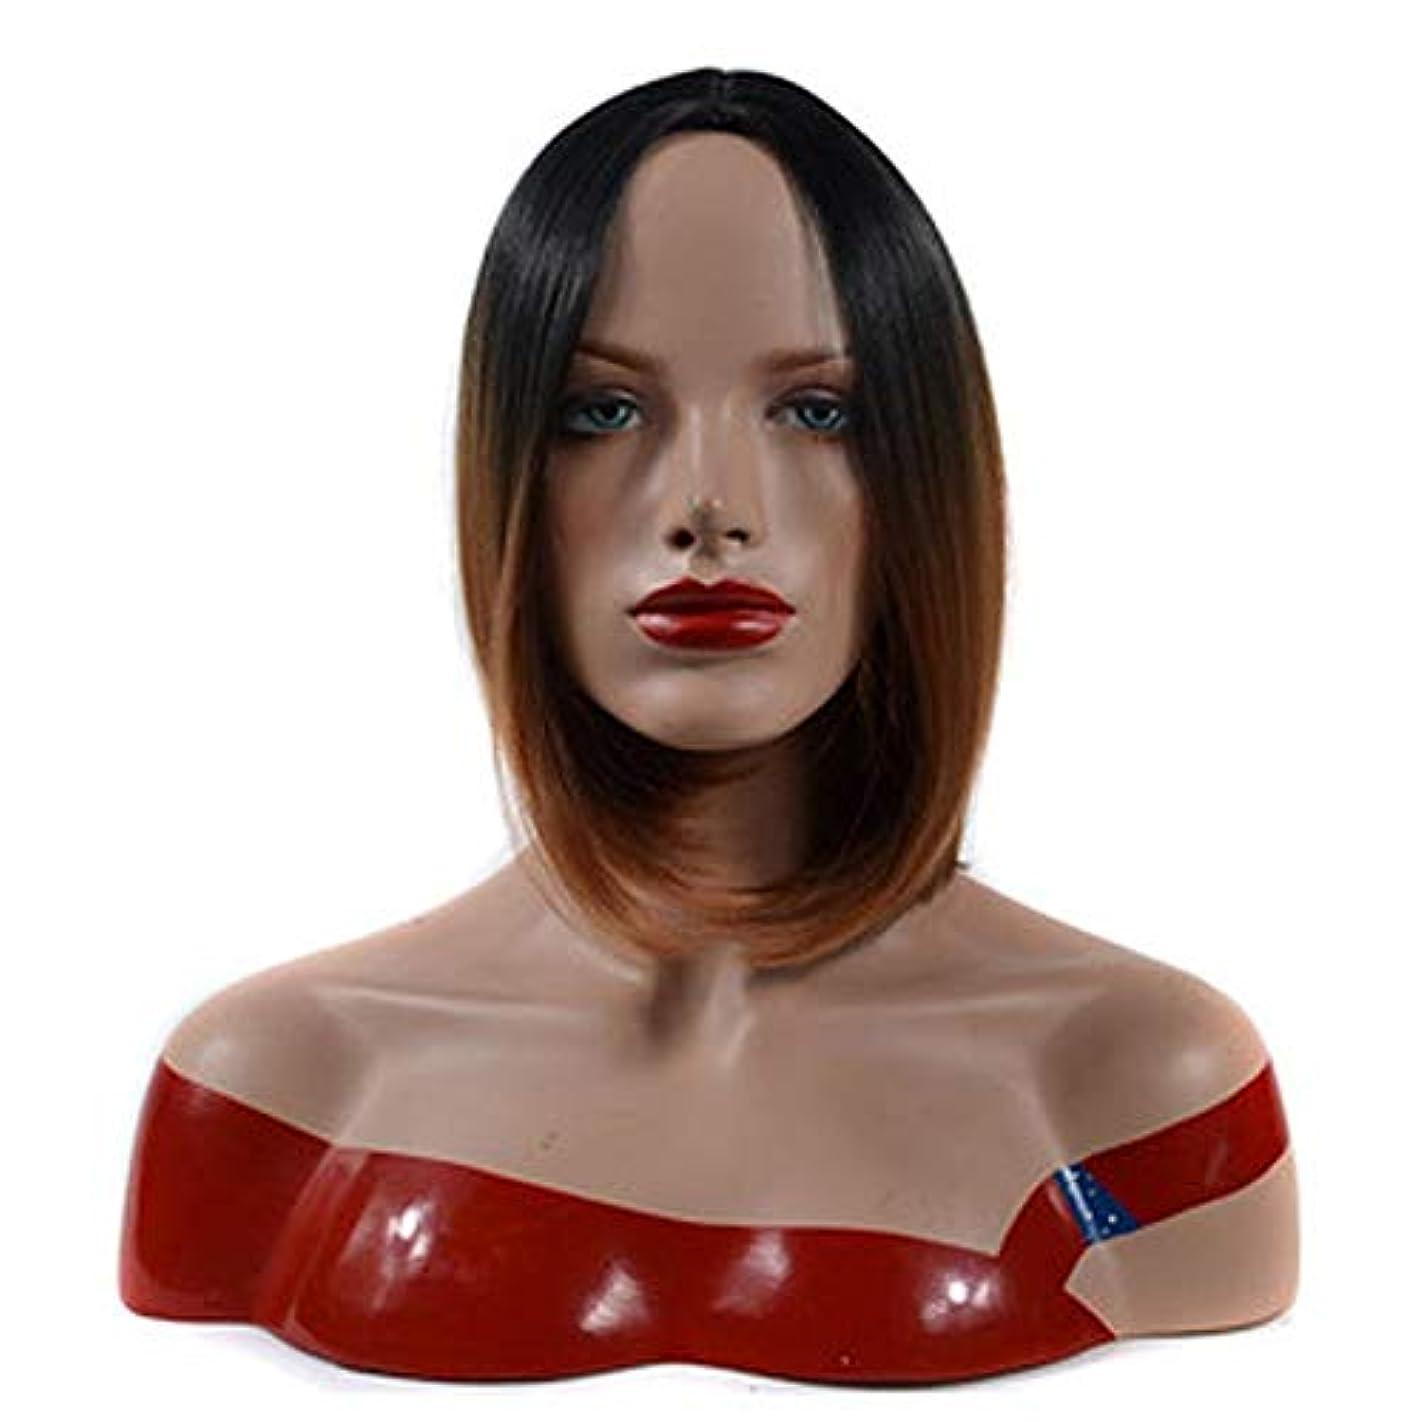 フェミニンインサート傷つきやすいYOUQIU 女性コスプレパーティードレスウィッグについては黒髪ルートライトブラウンショートストレート髪ボブウィッグ (色 : 淡い茶色, サイズ : 30cm)